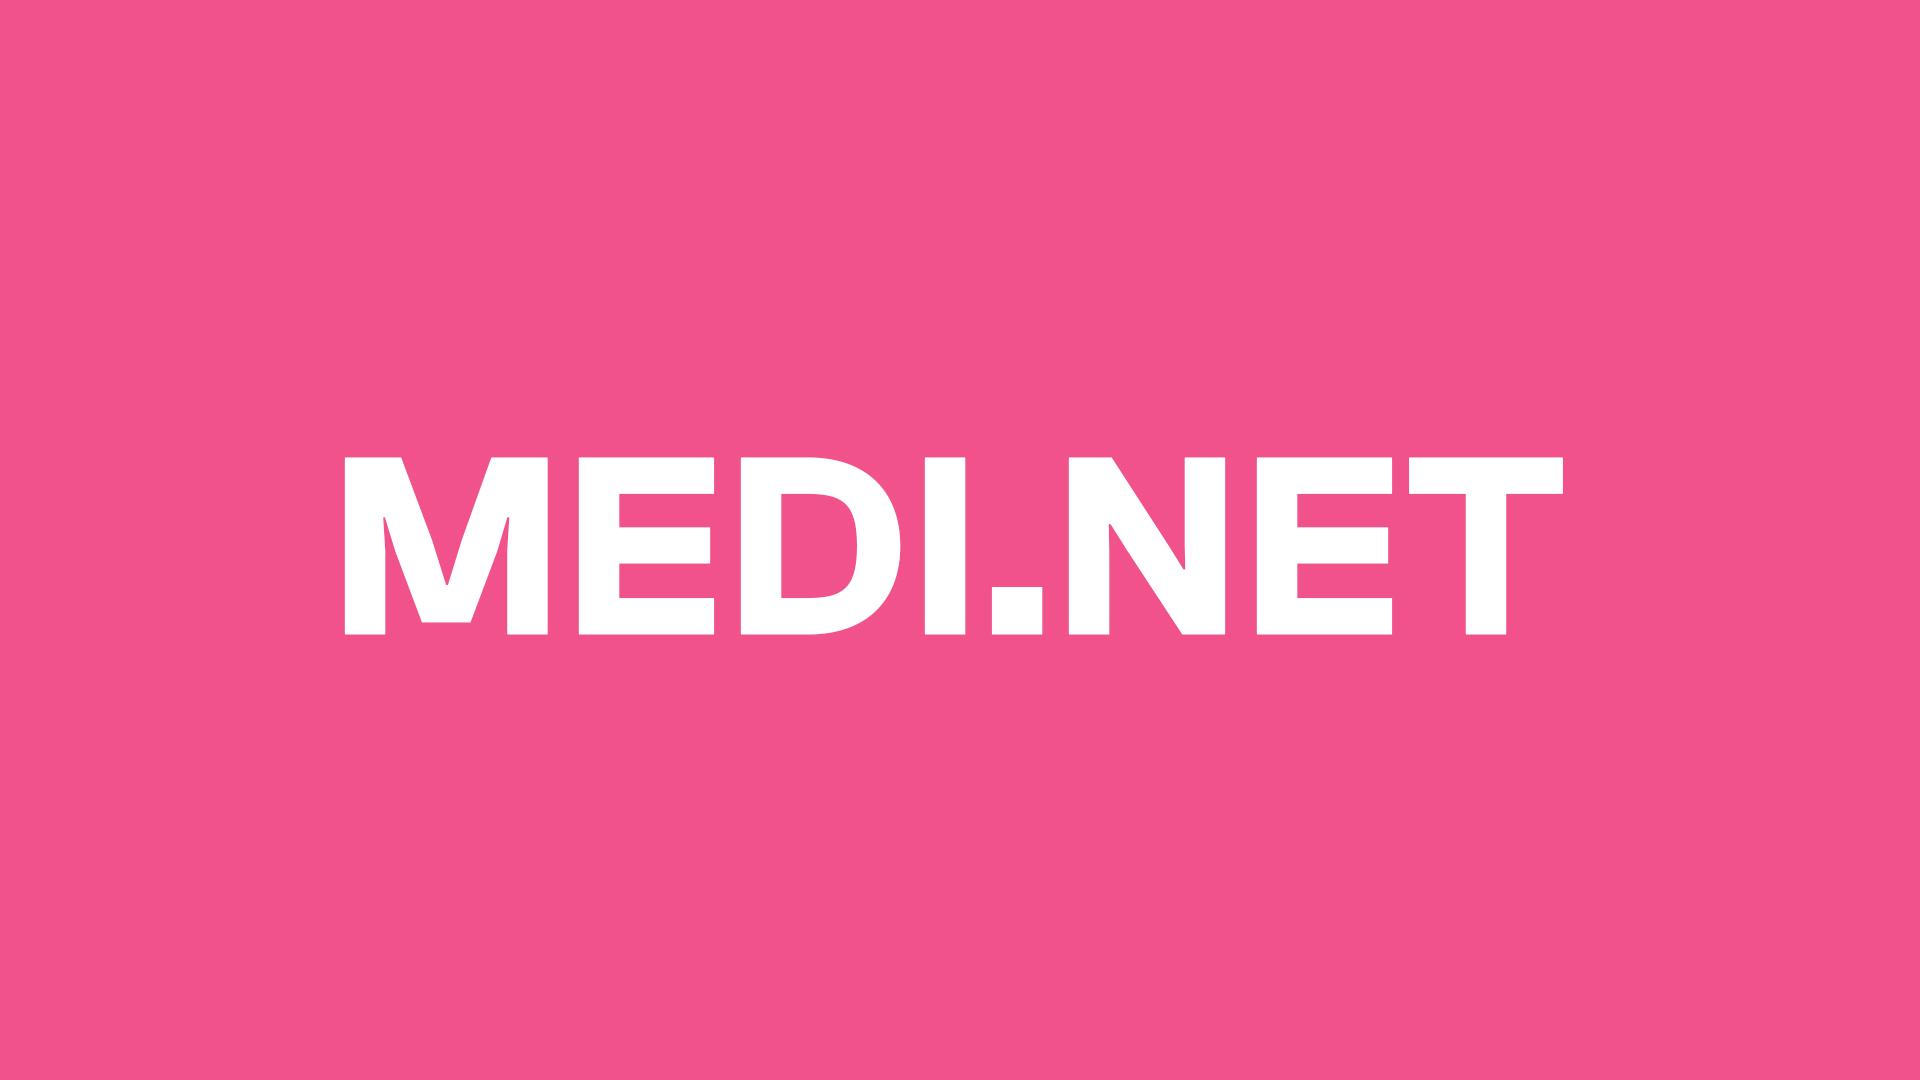 Medi.net